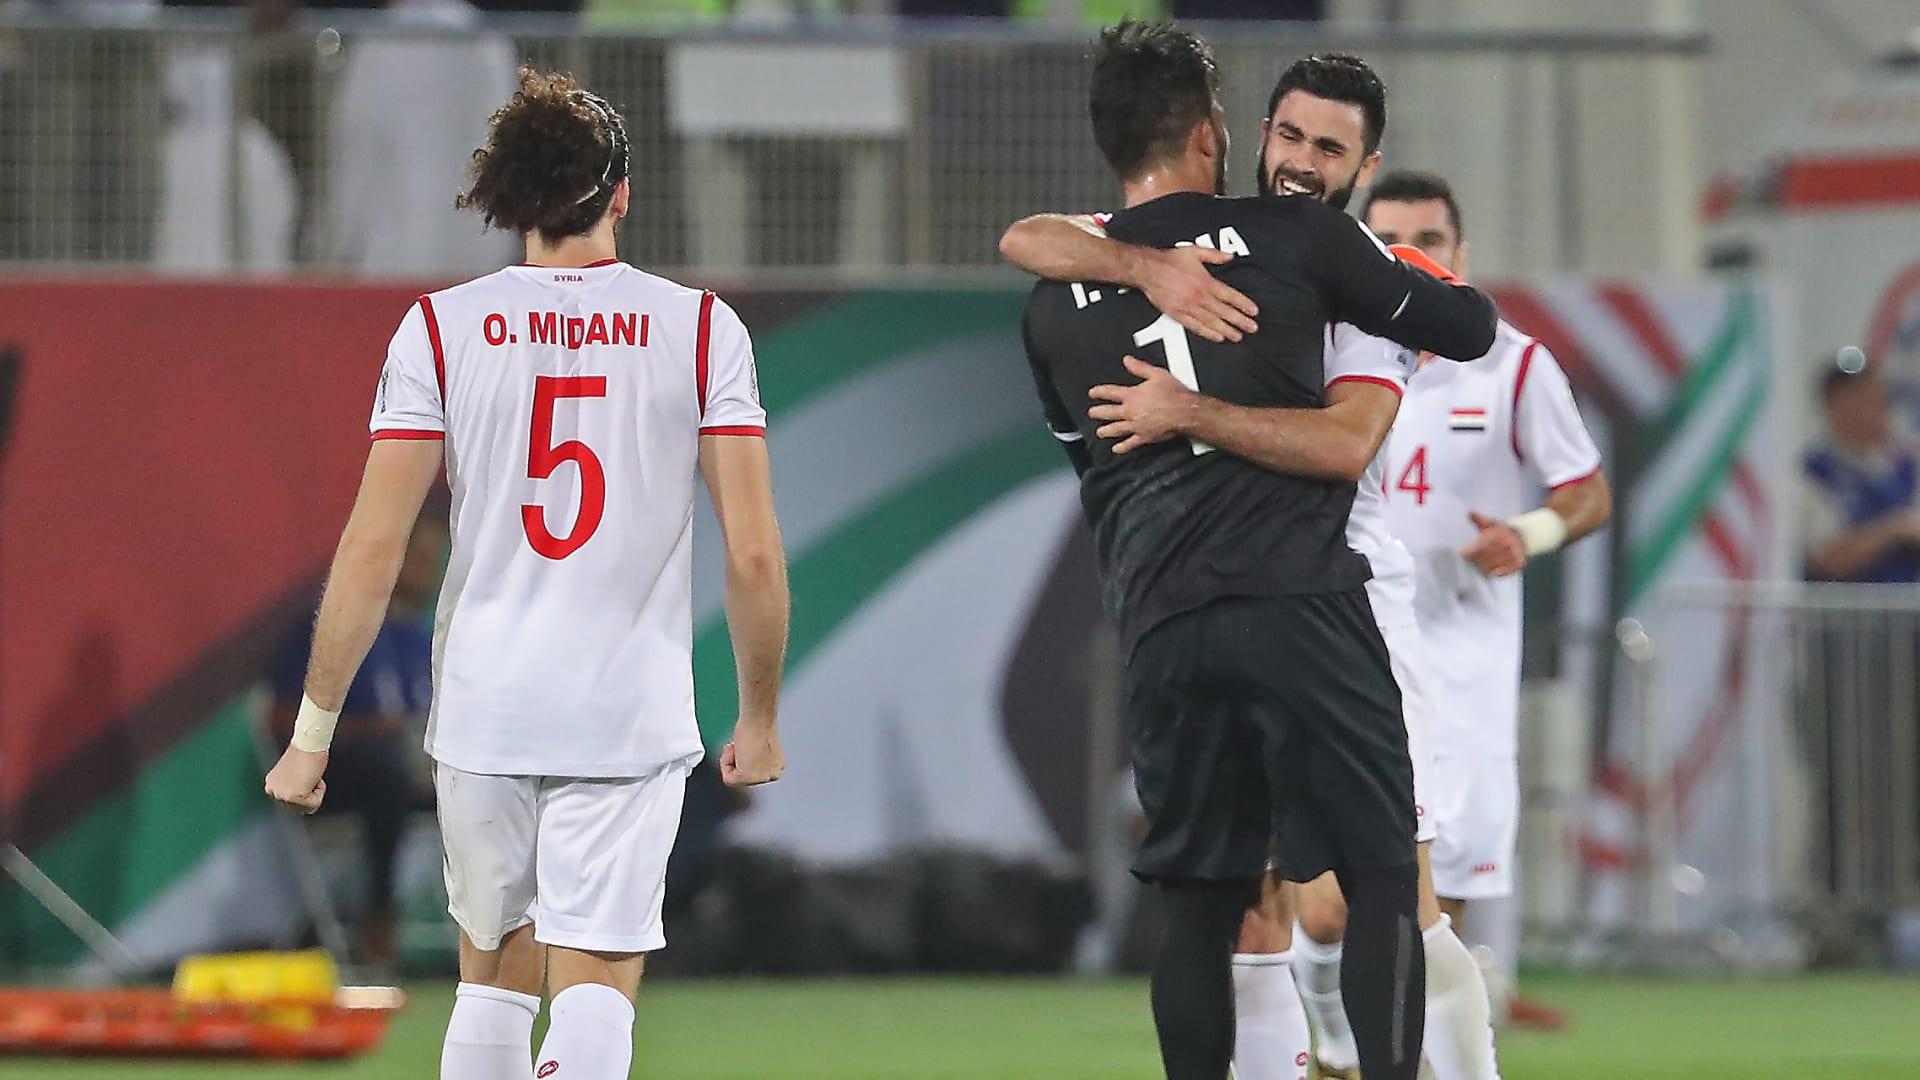 سوريا أول العرب المتأهلين لكأس آسيا والمرحلة النهائية لتصفيات مونديال 2022